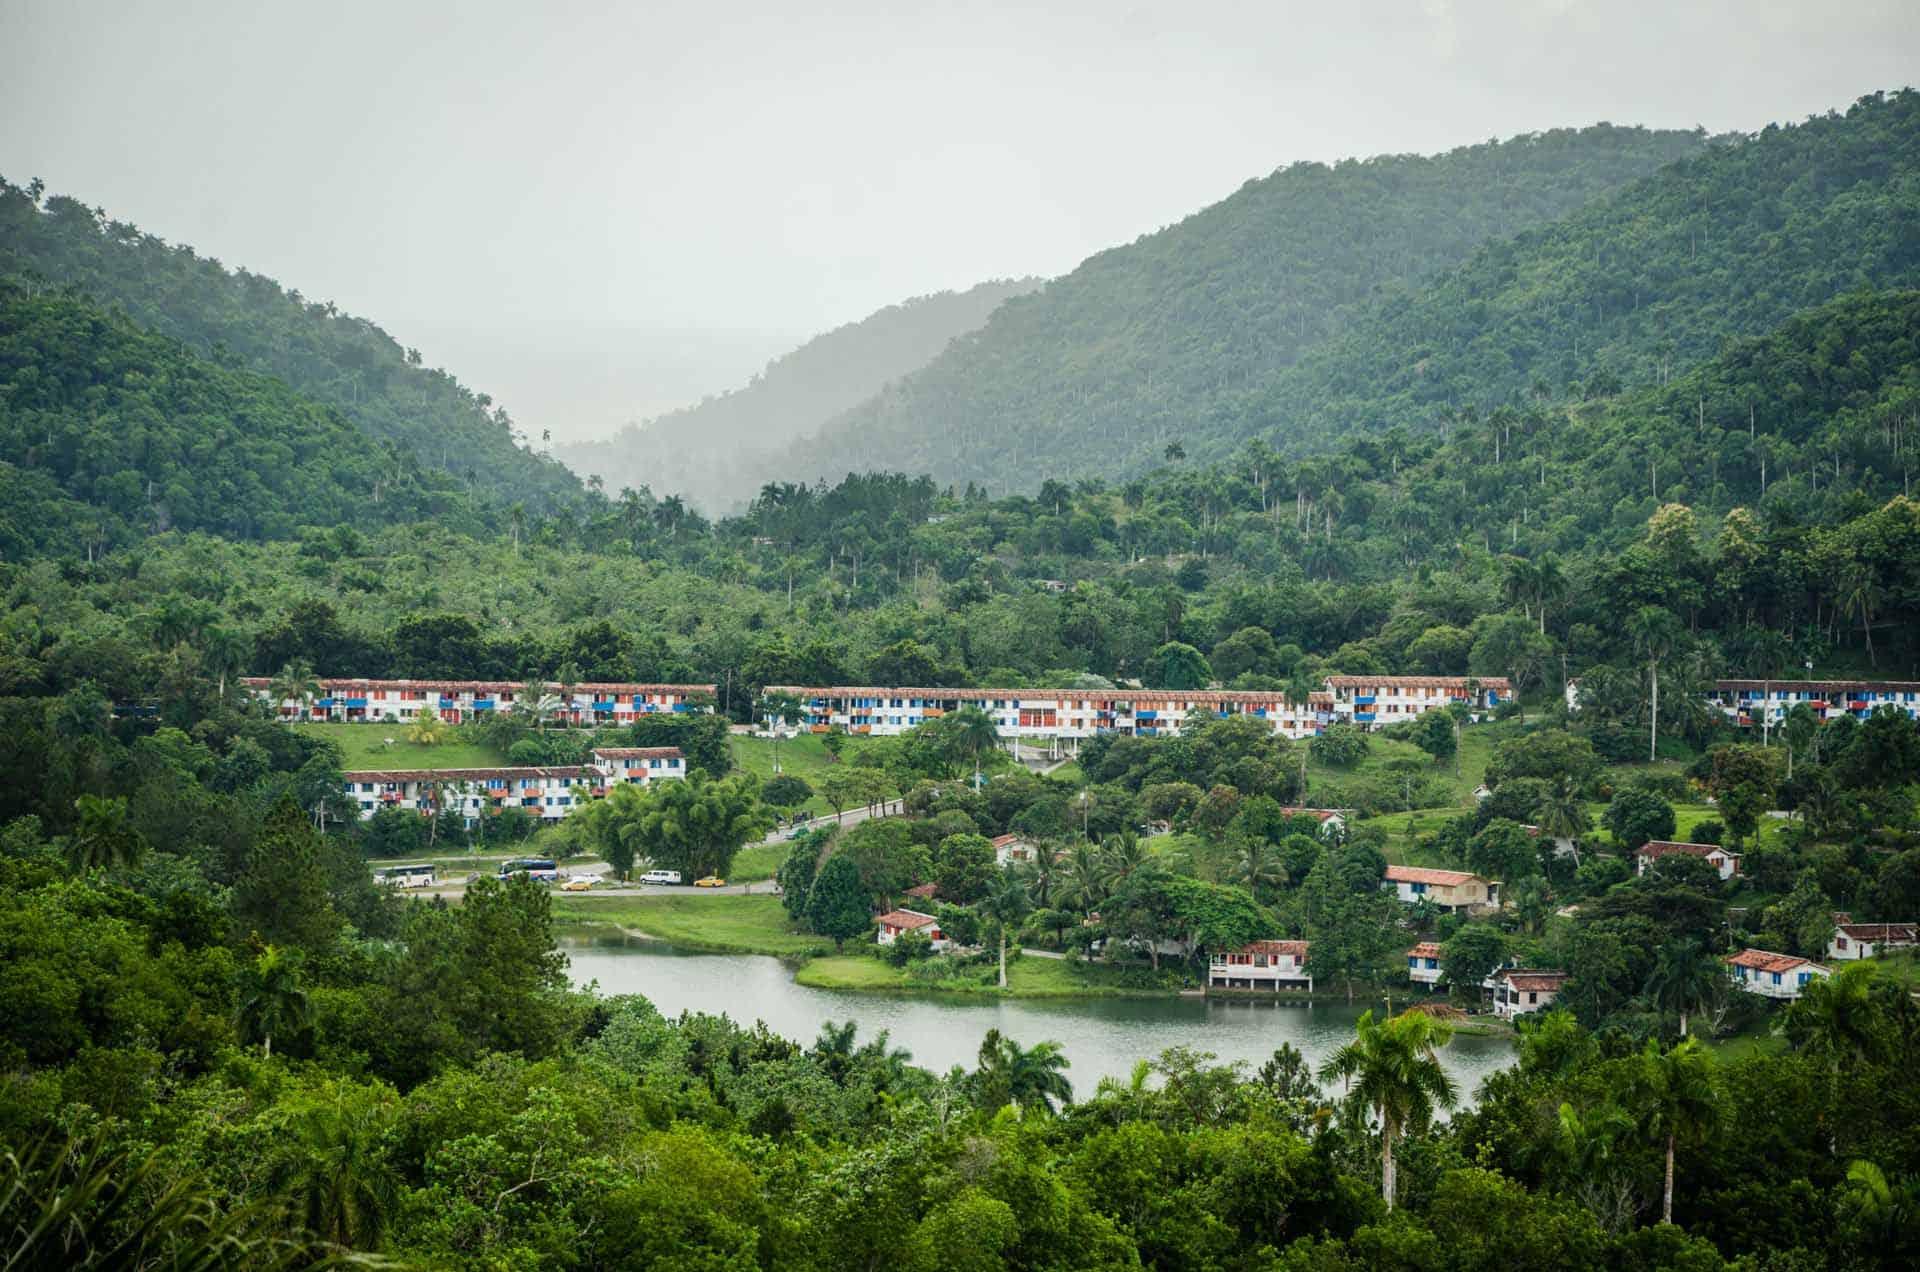 las terrazas paysage communaute lac nature cuba autrement 3